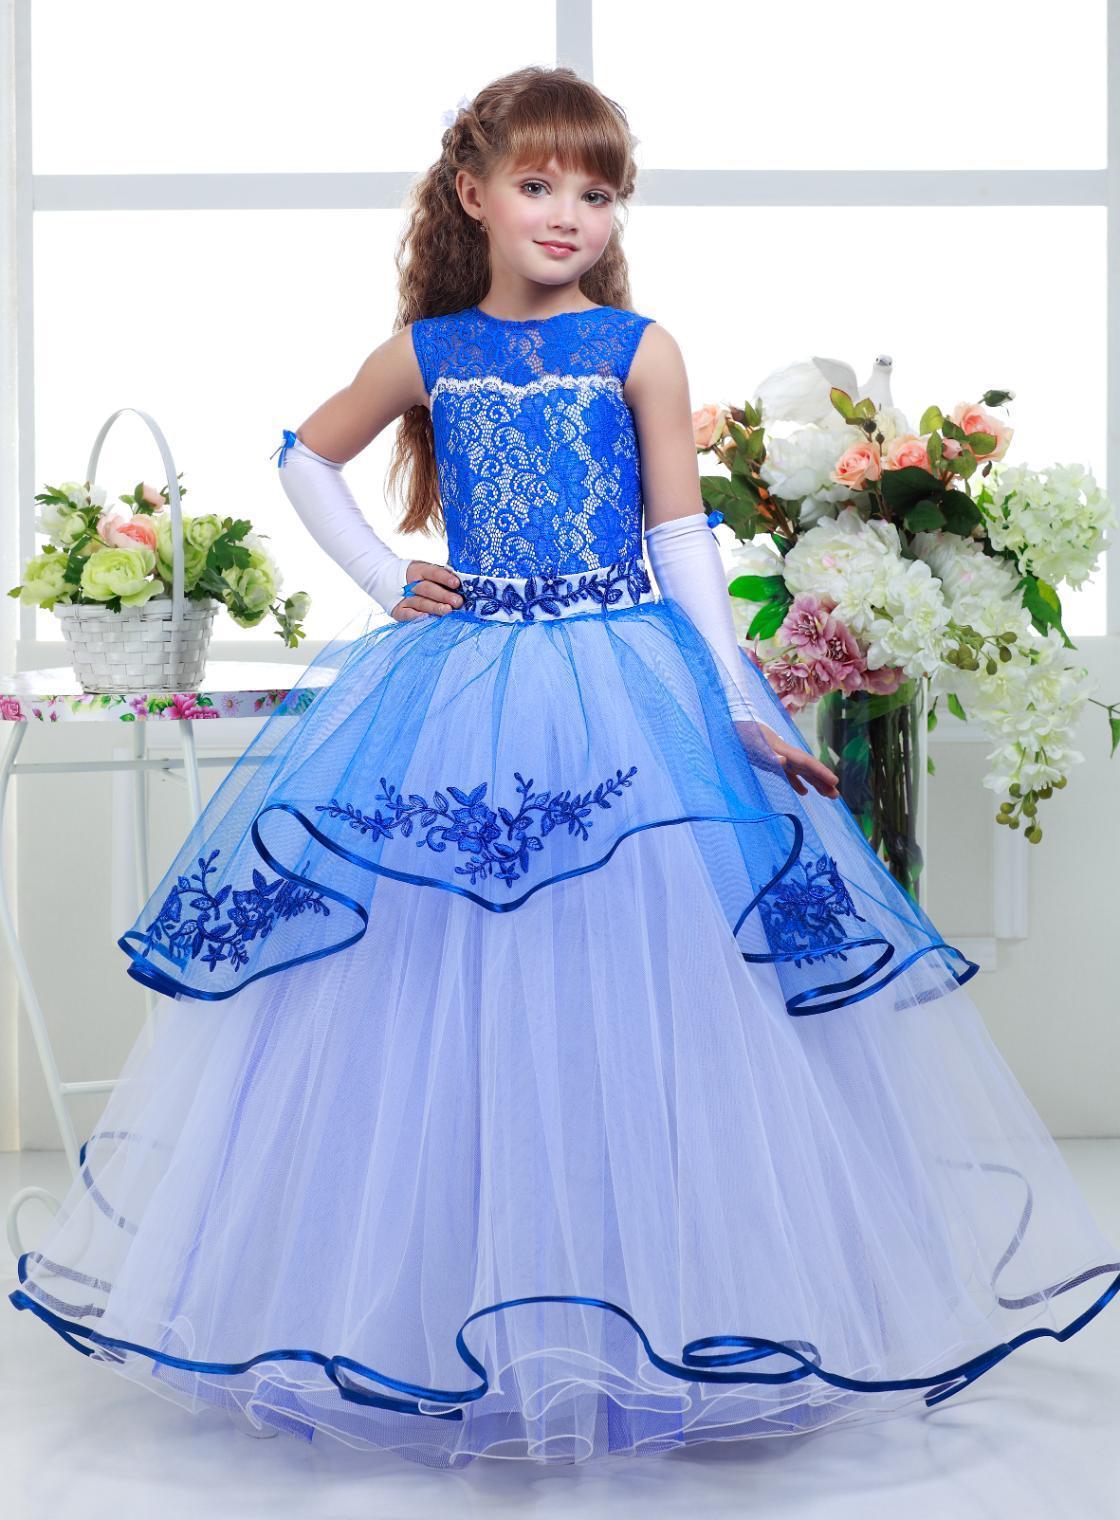 Где купит бальное платье для девочки